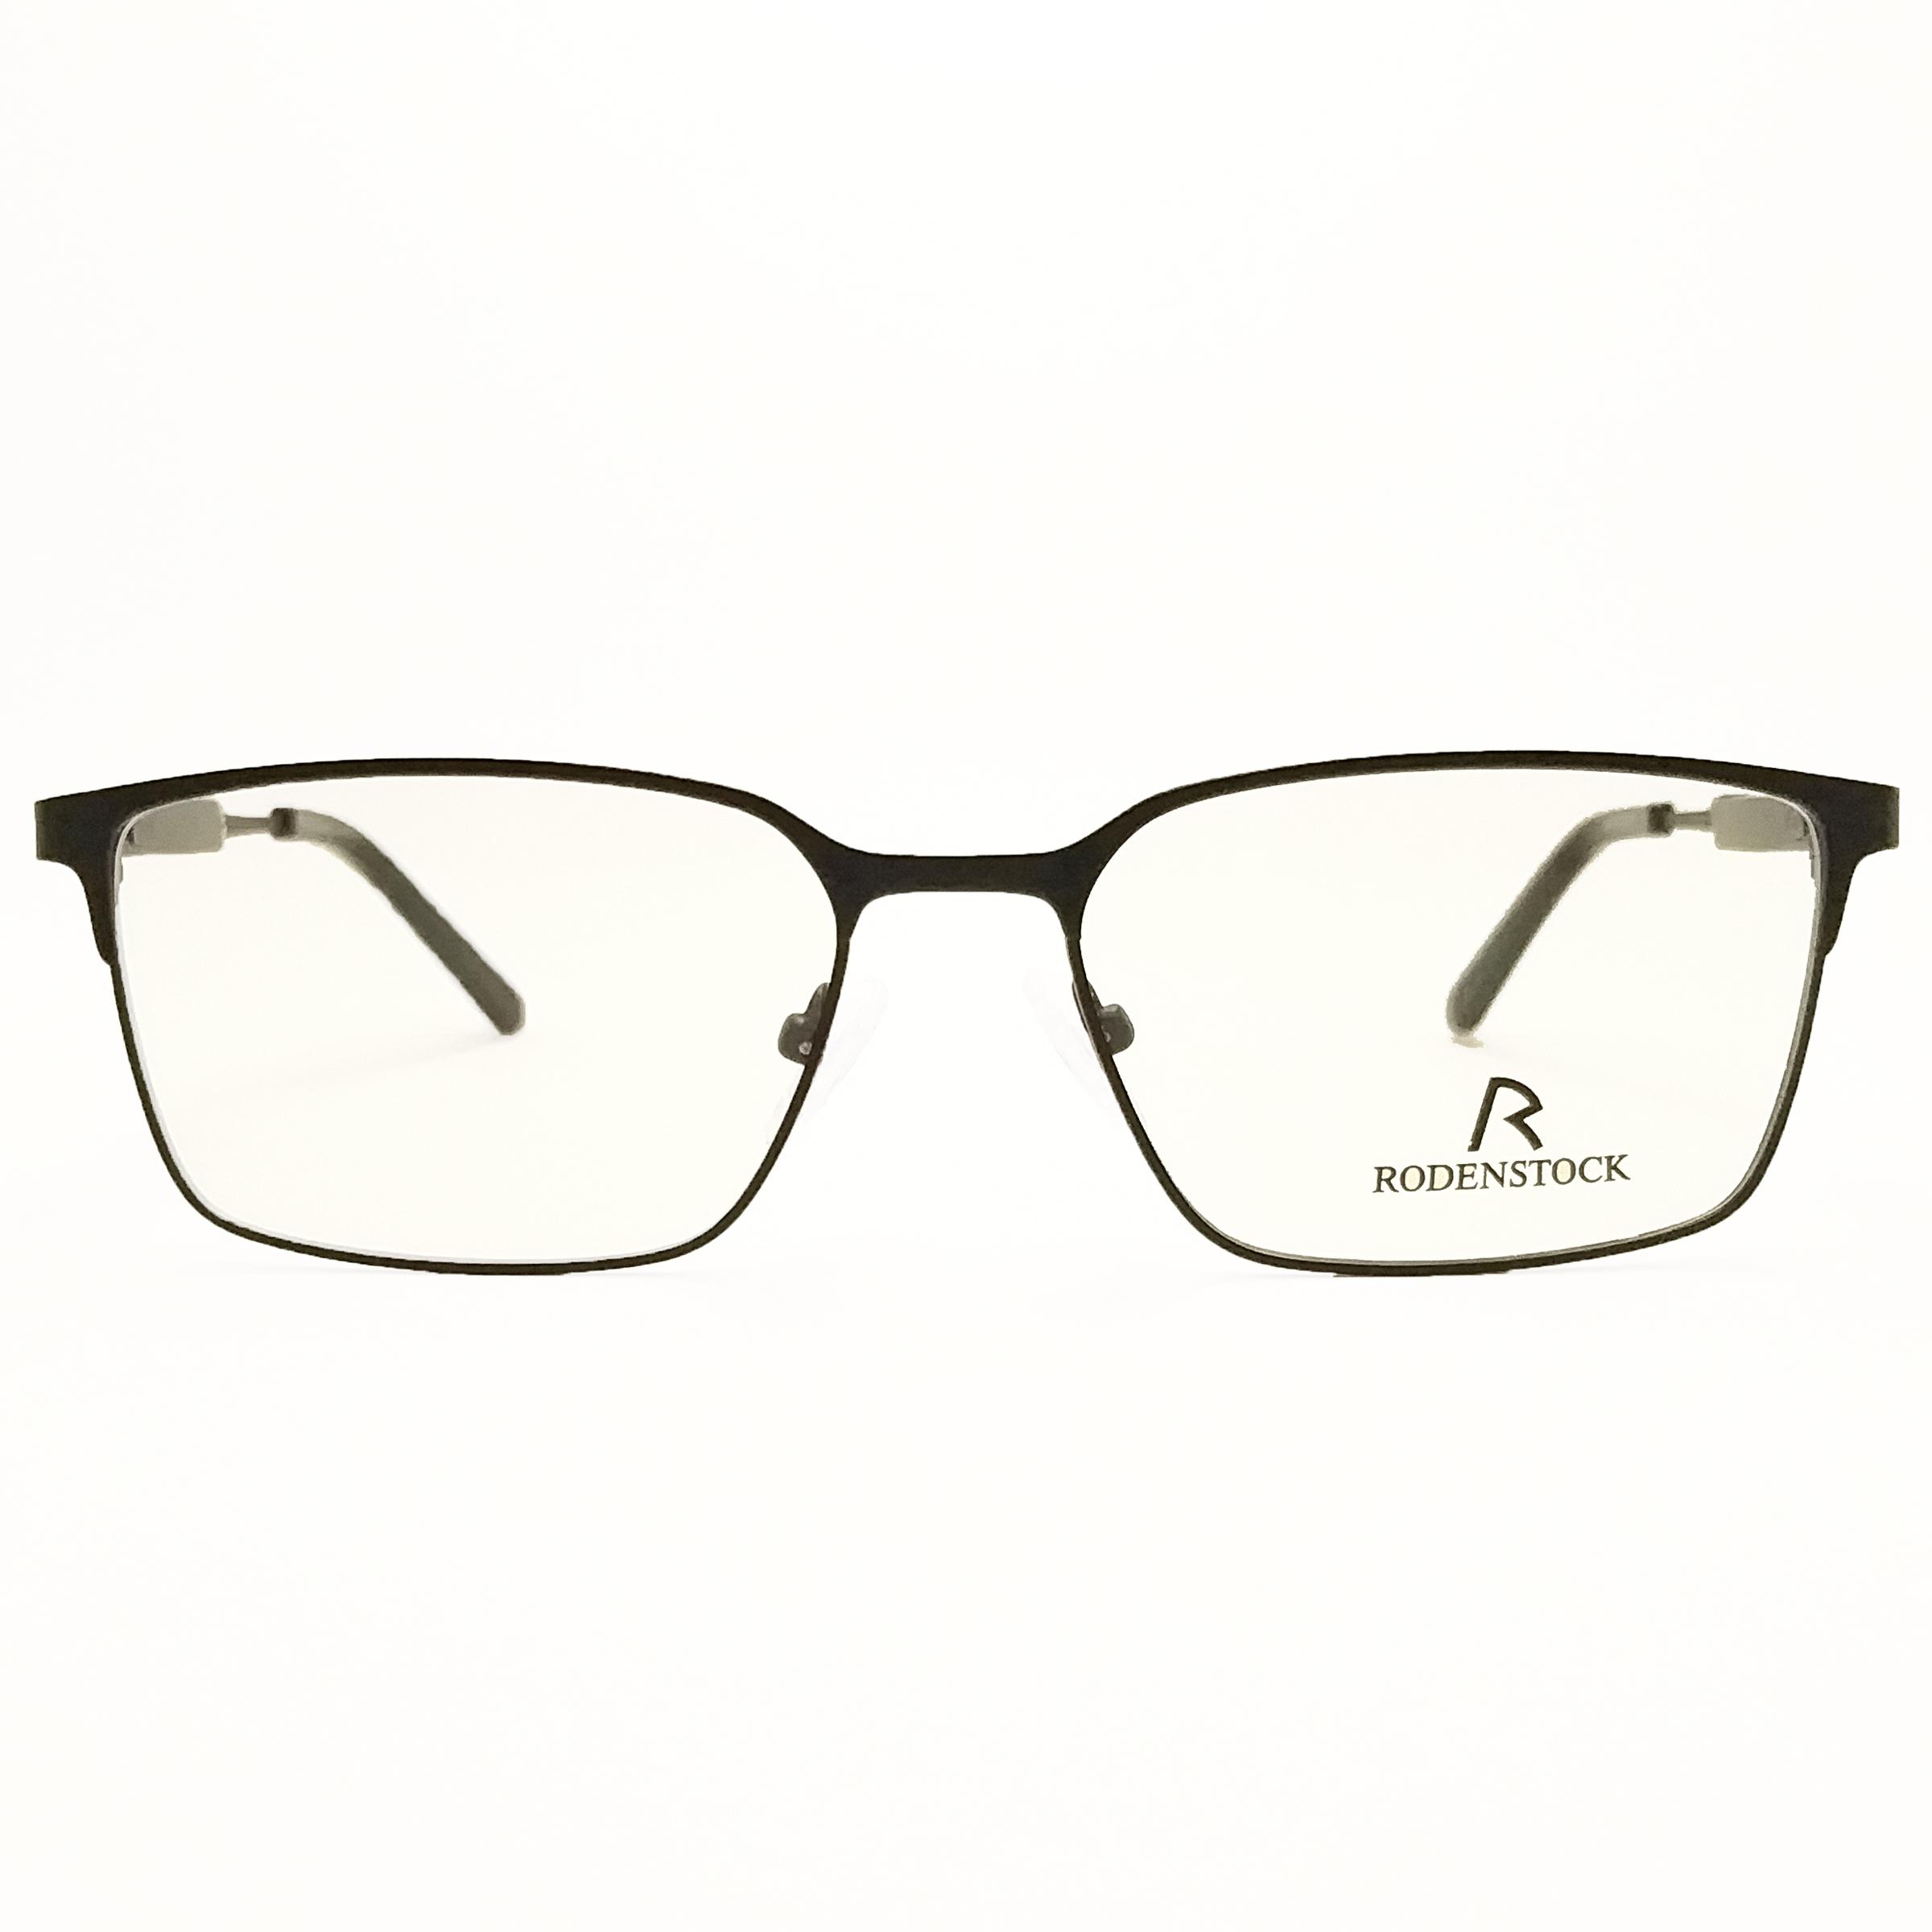 فریم عینک طبی بچگانه رودن اشتوک مدل 2045